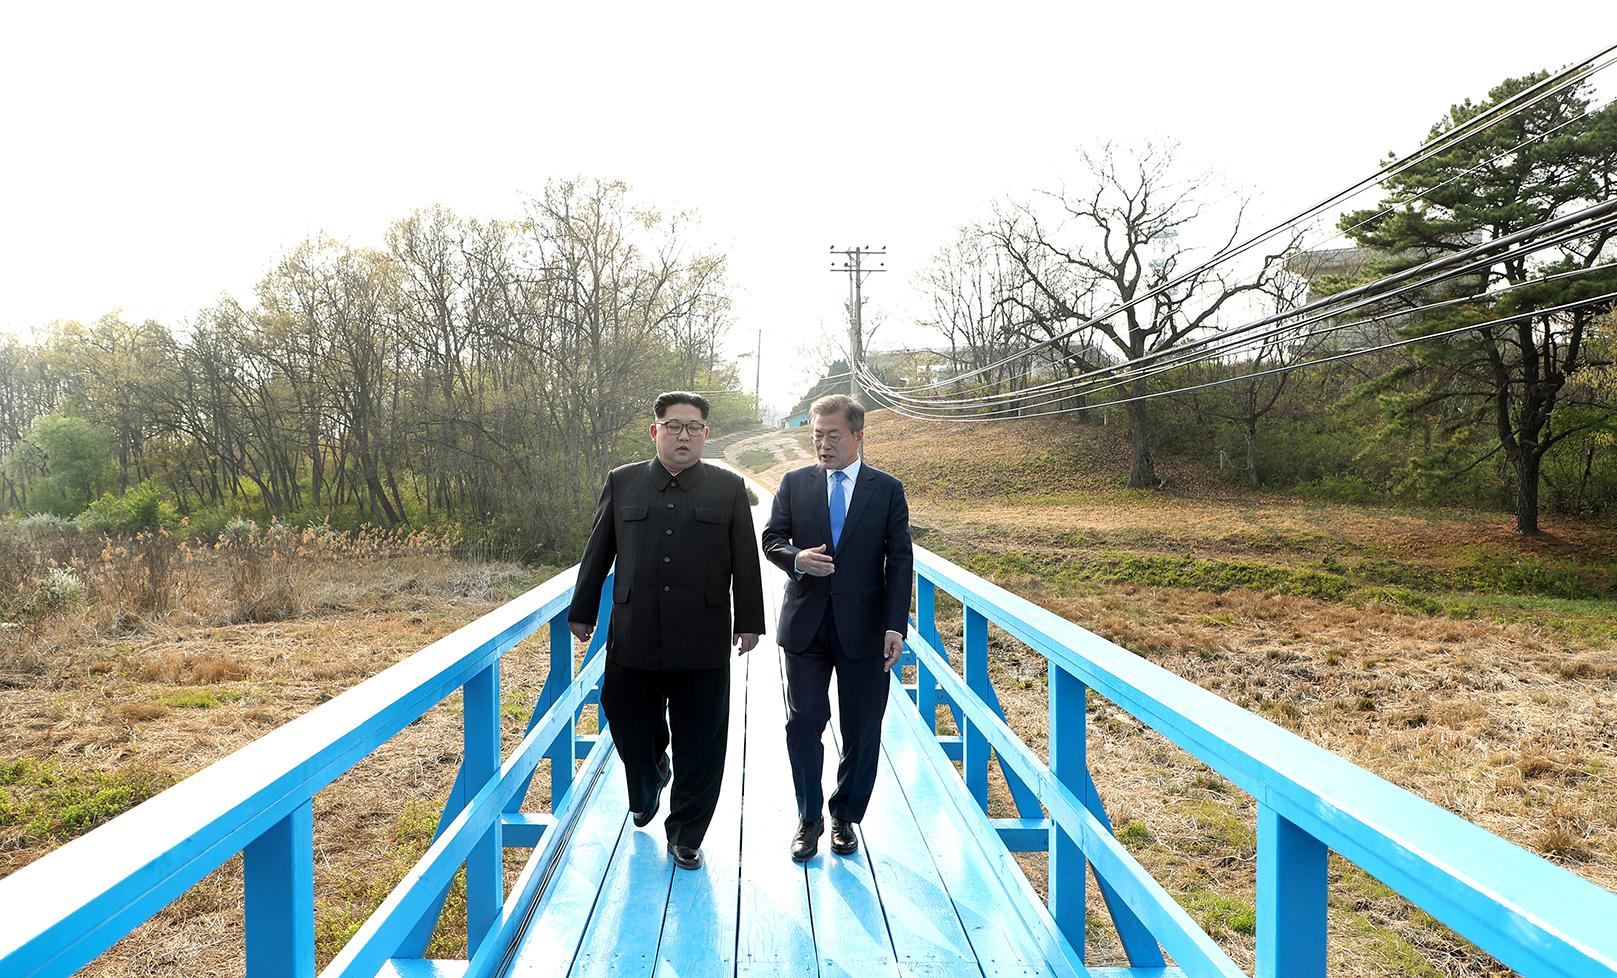 美国行为制造未知风险 特朗普让朝韩领导人会晤效果打折